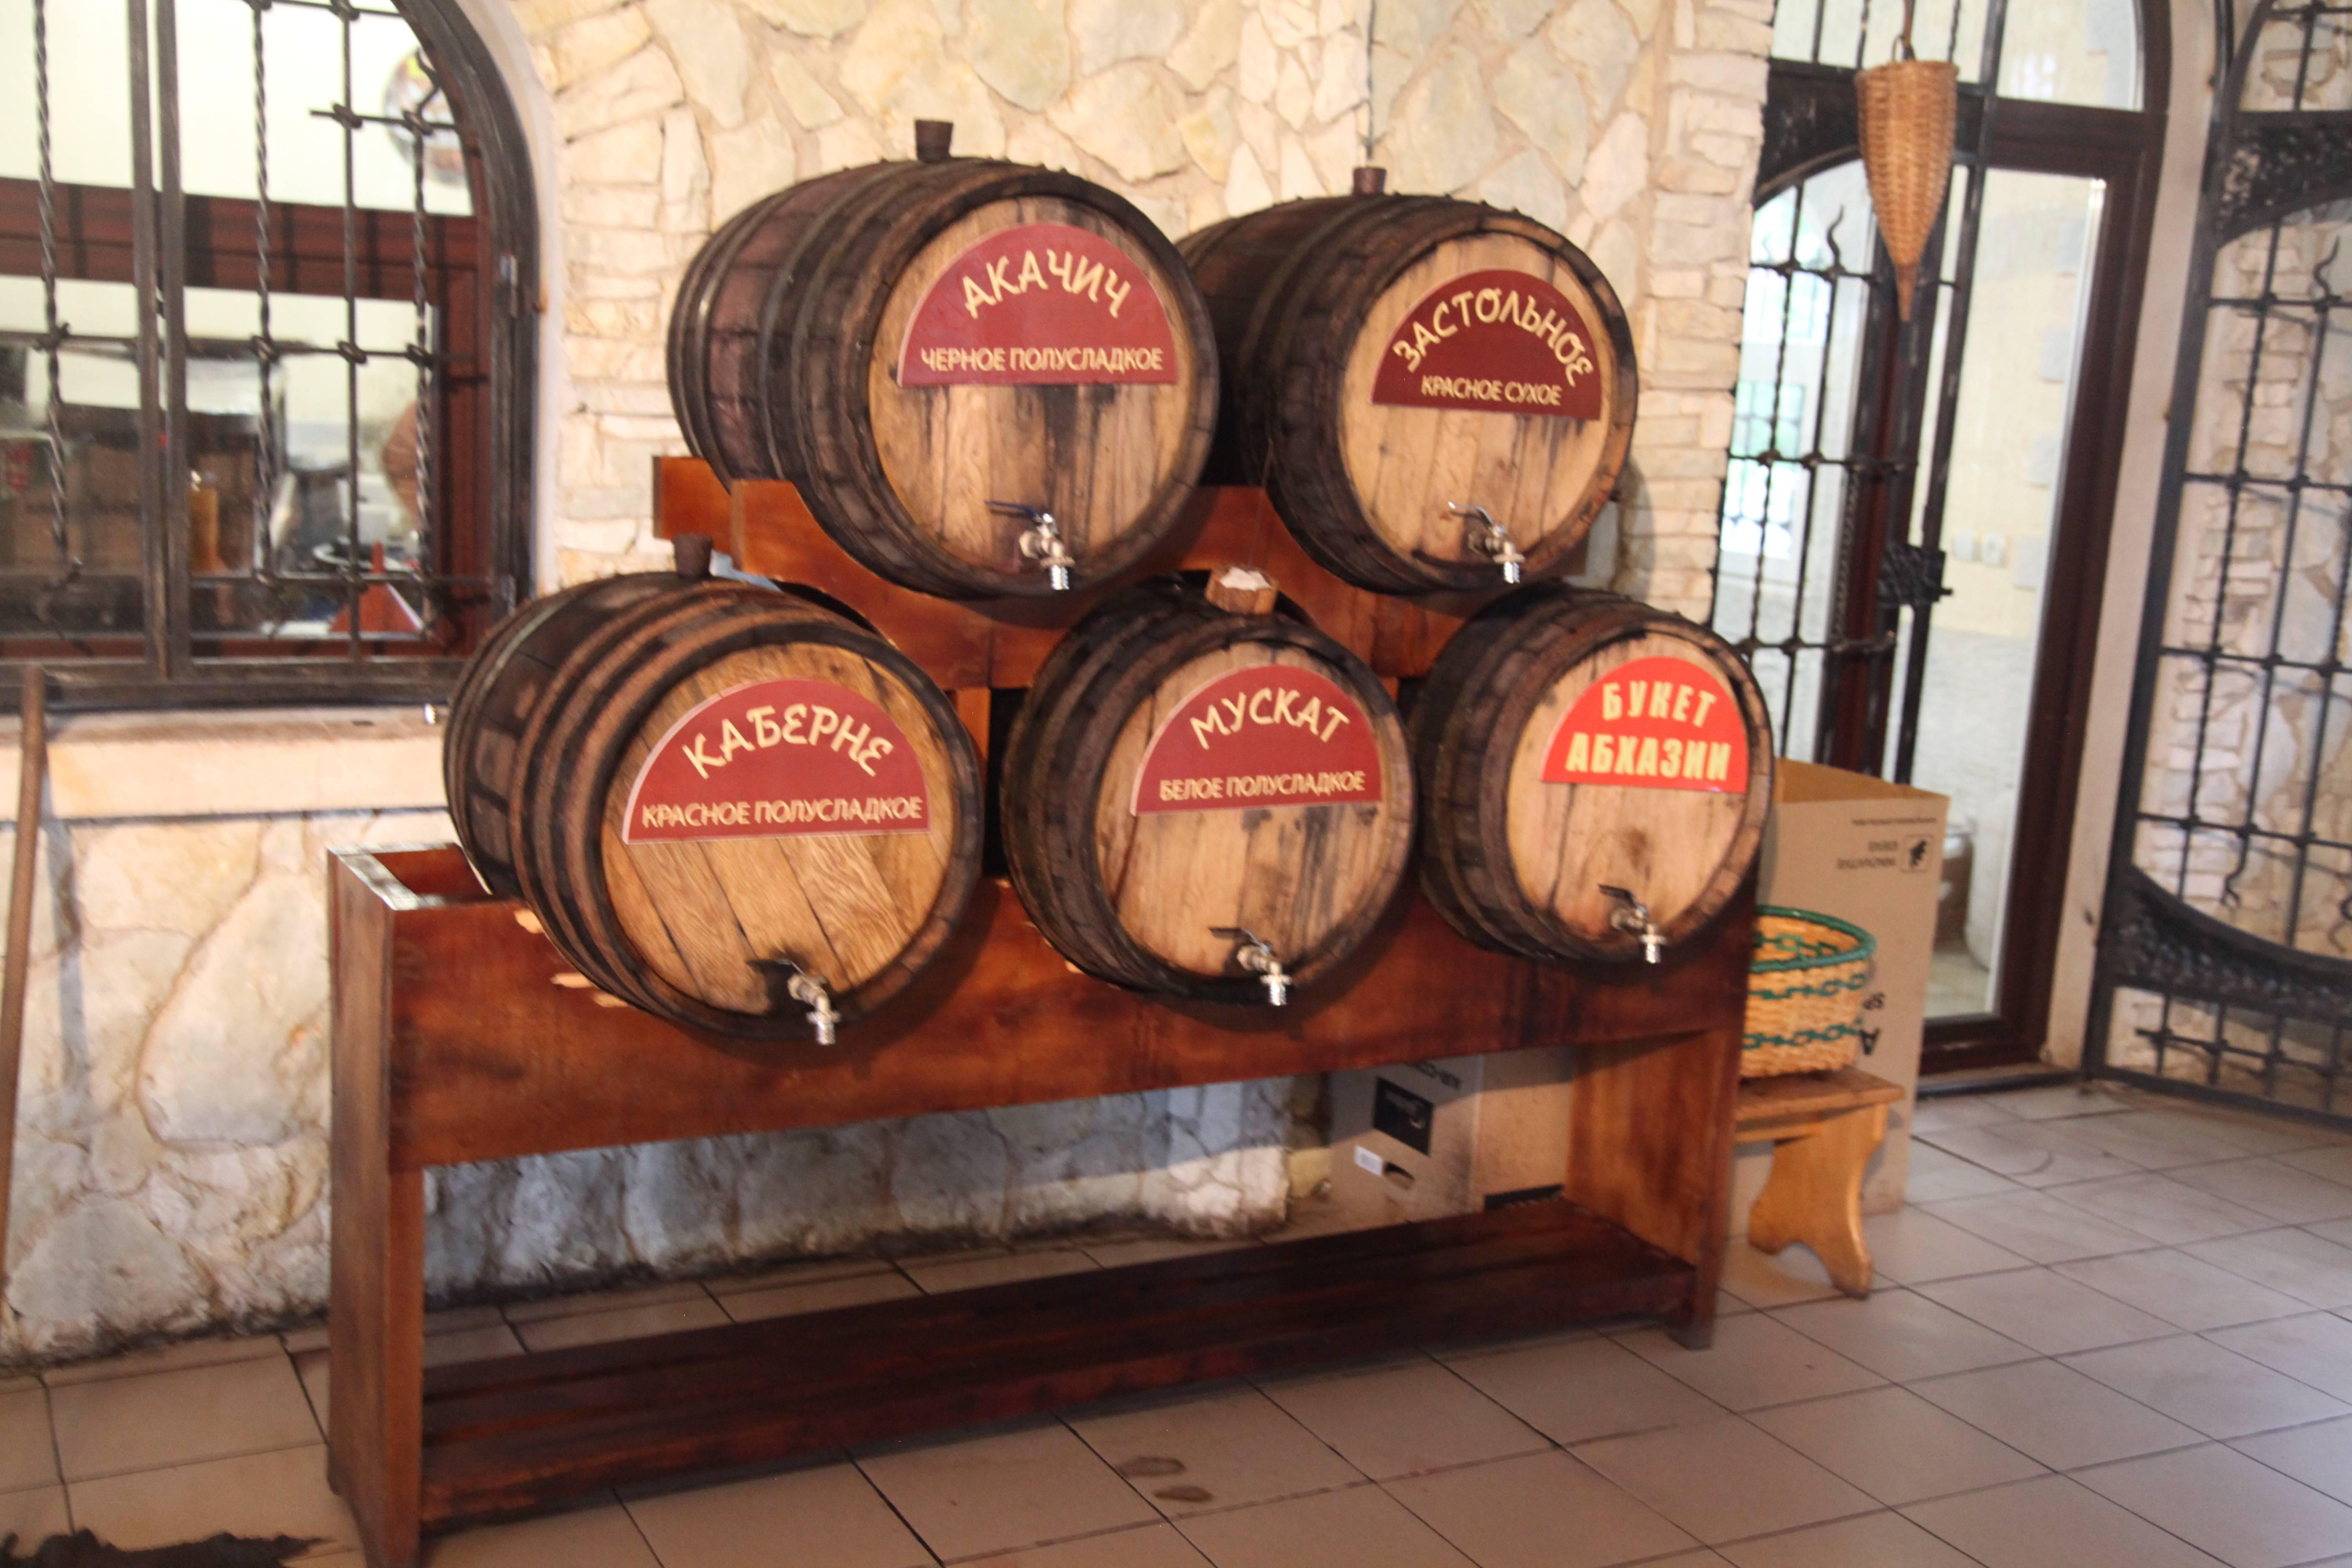 Вино лыхны отзывы, алсны и другие вина абхазии: обзор продукции